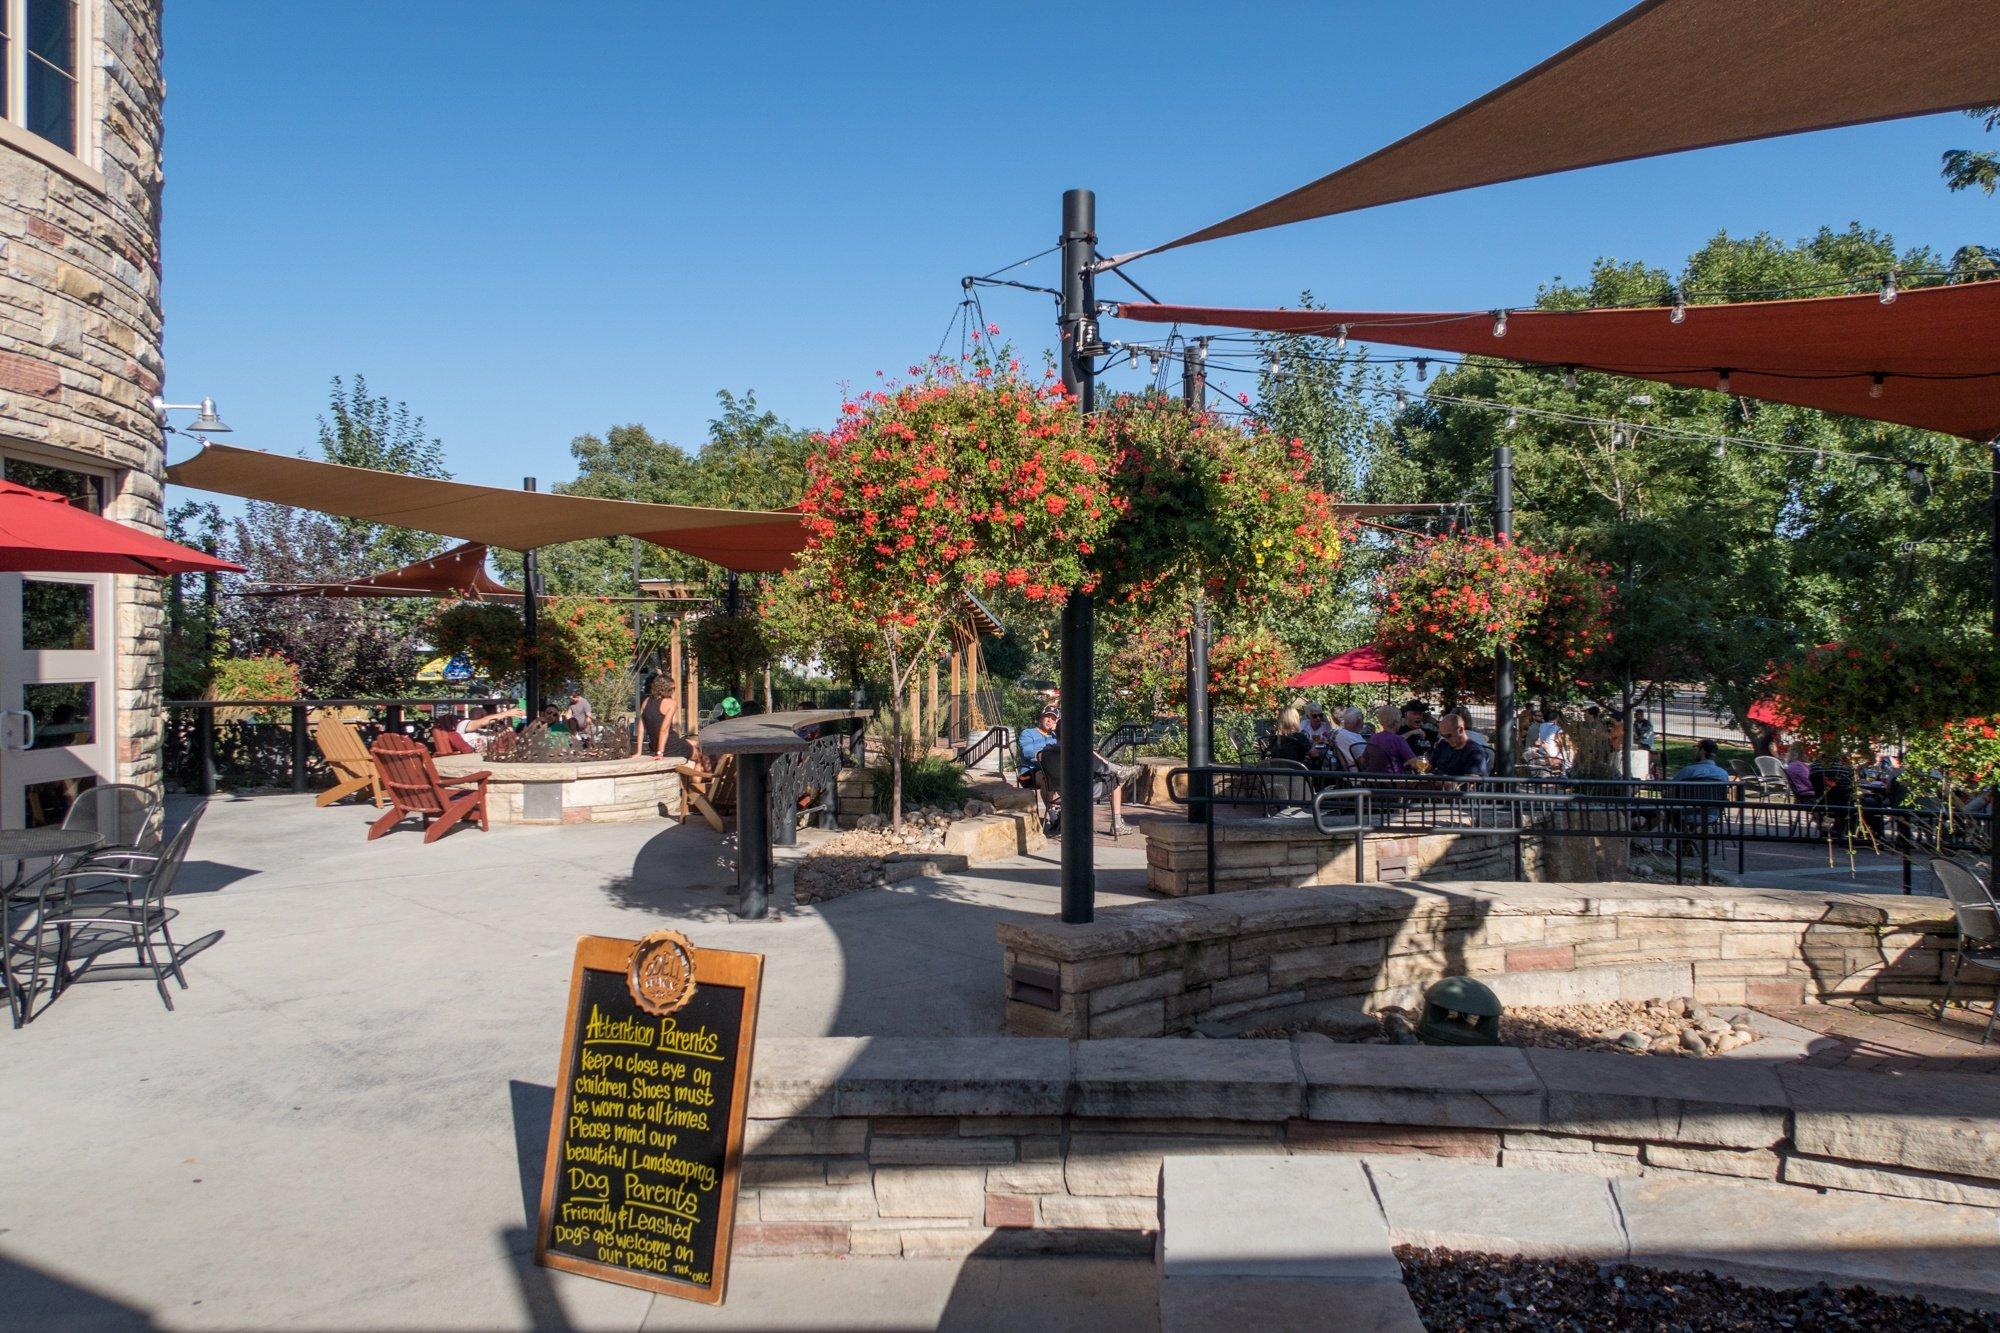 Odell Brewing's beer garden